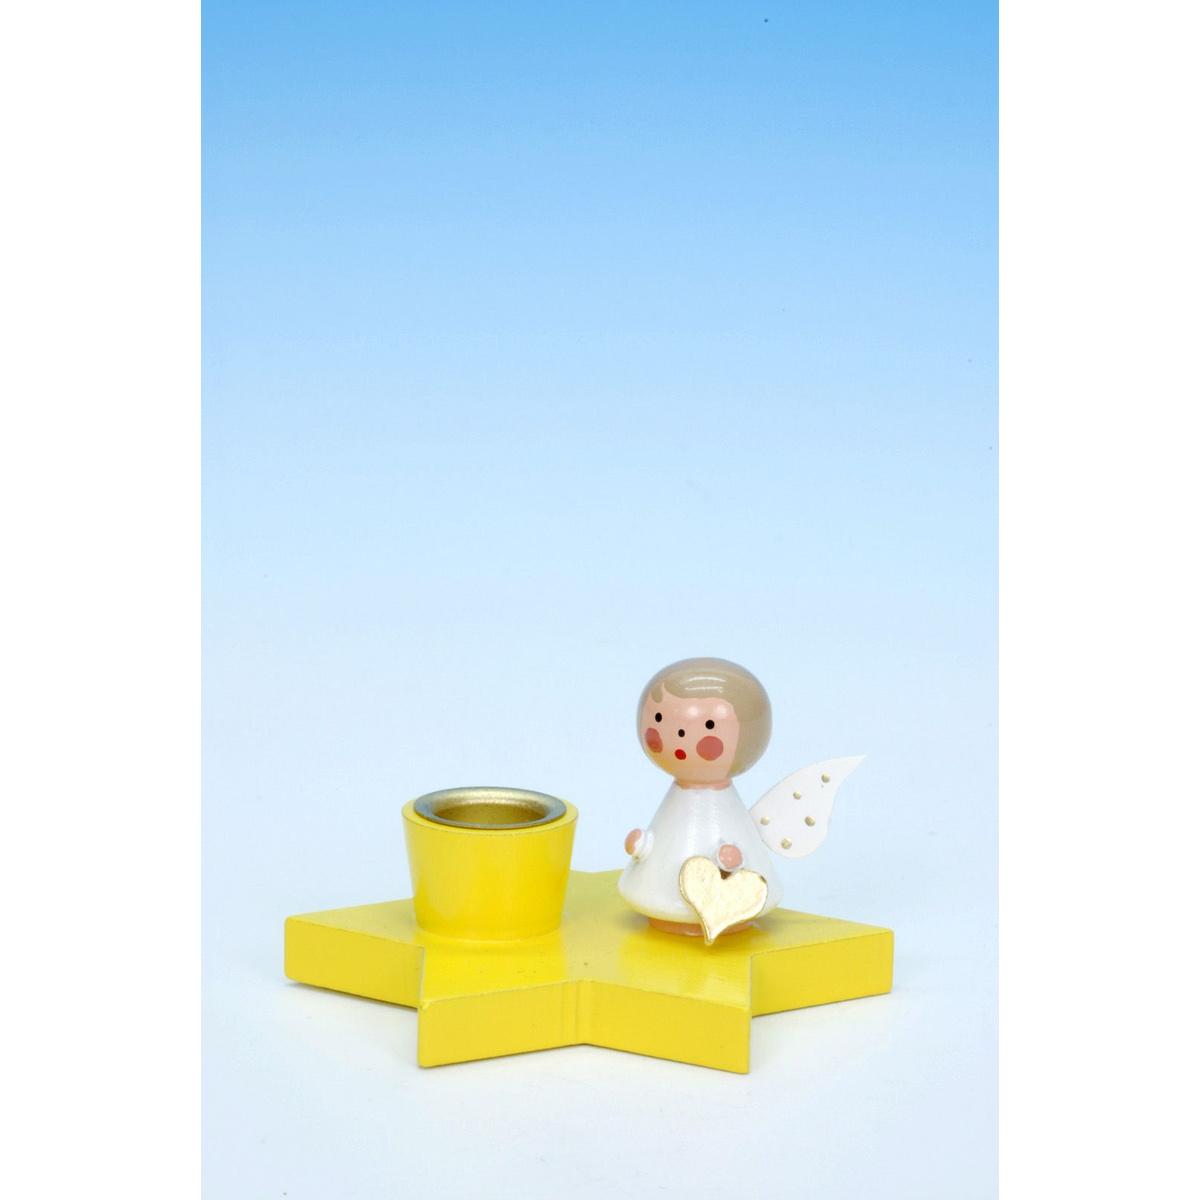 leuchter engel auf stern gelb von christian ulbricht f r 9. Black Bedroom Furniture Sets. Home Design Ideas